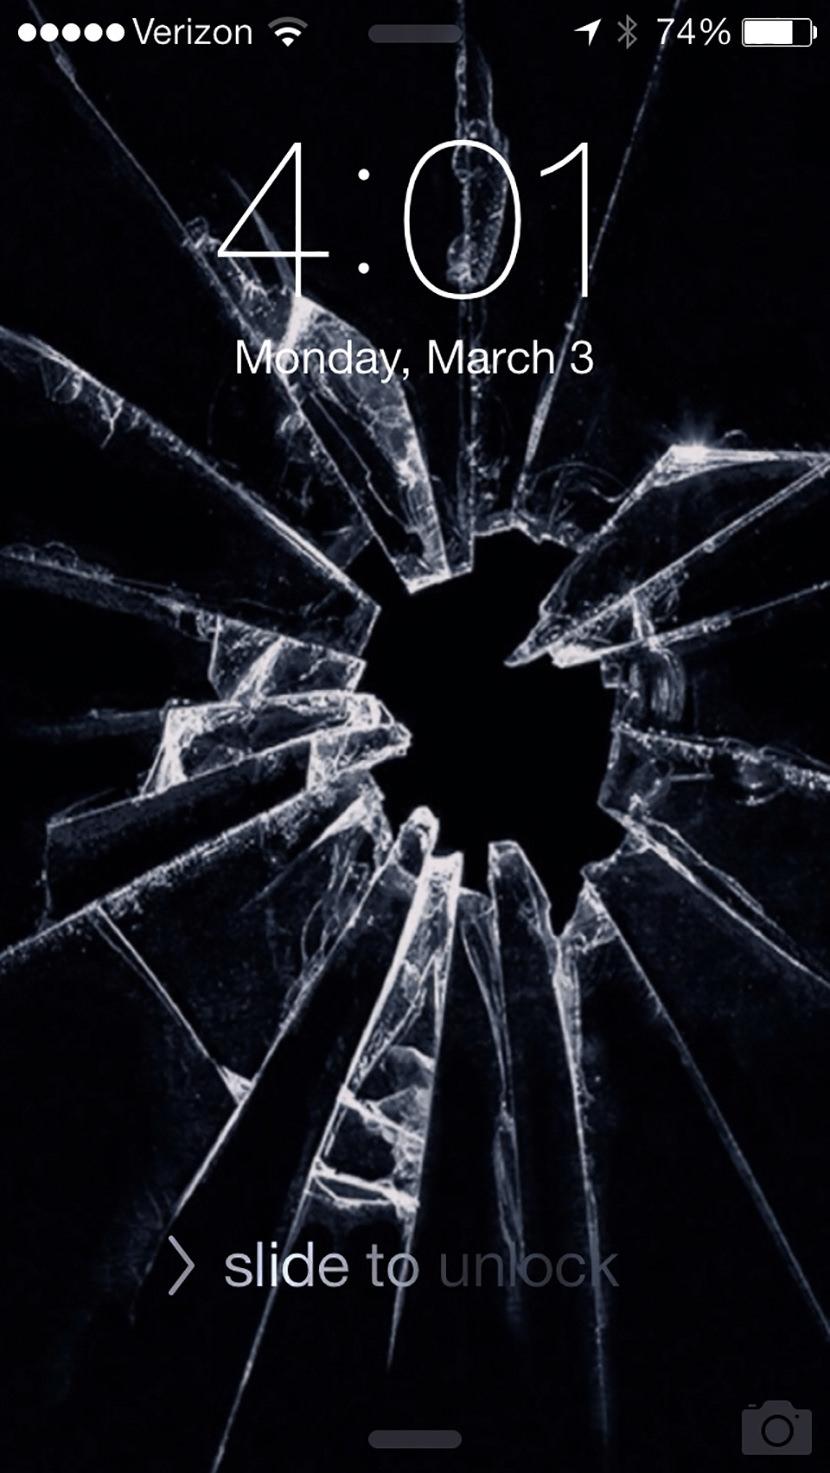 7 broken screen wallpapers for apple iphone 5, 6 and 7 - best prank